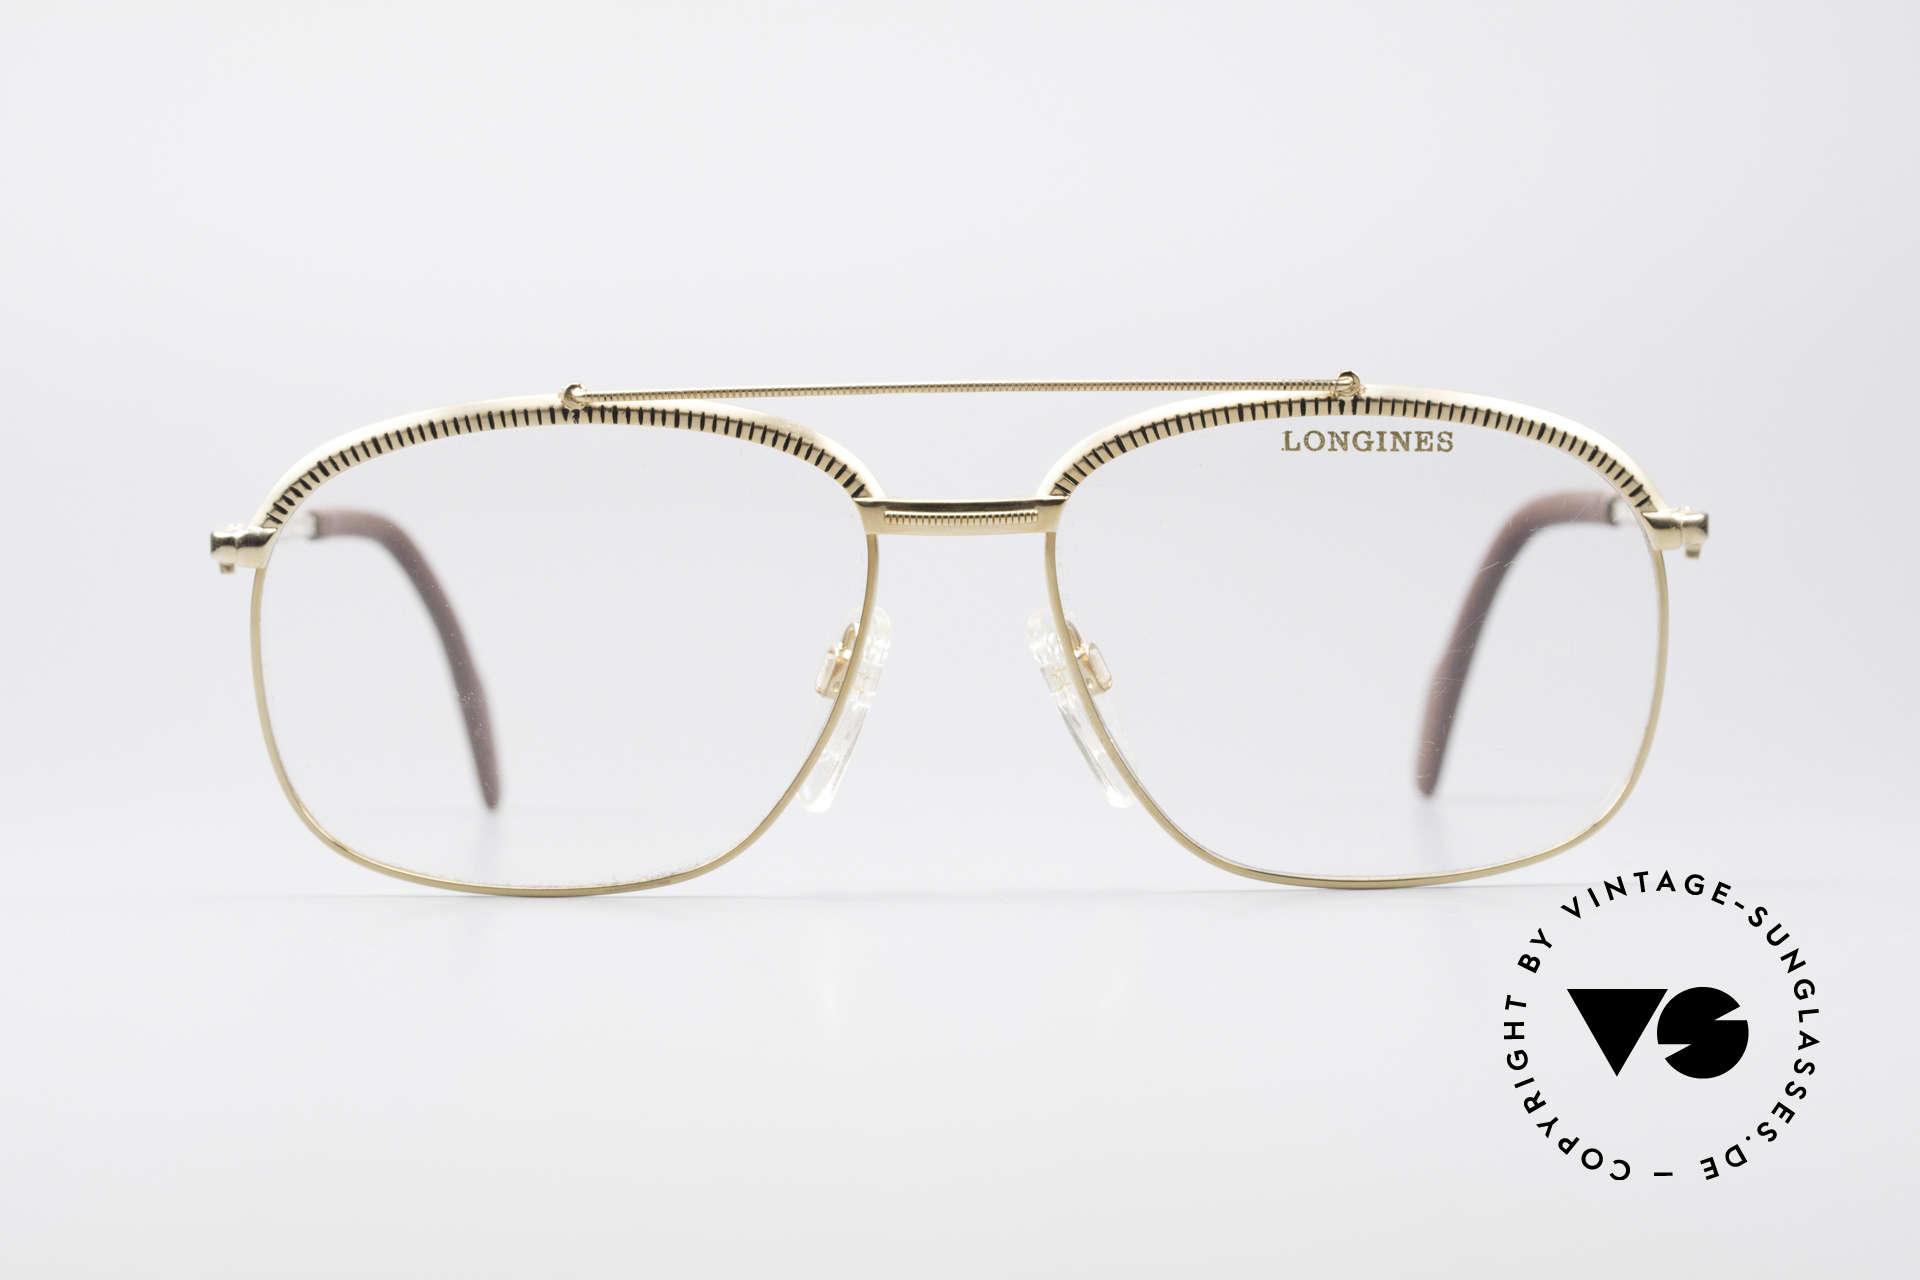 Longines 0172 80er Luxus Brillenfassung, enorme Fertigungsqualität; vergoldete Metallfassung, Passend für Herren